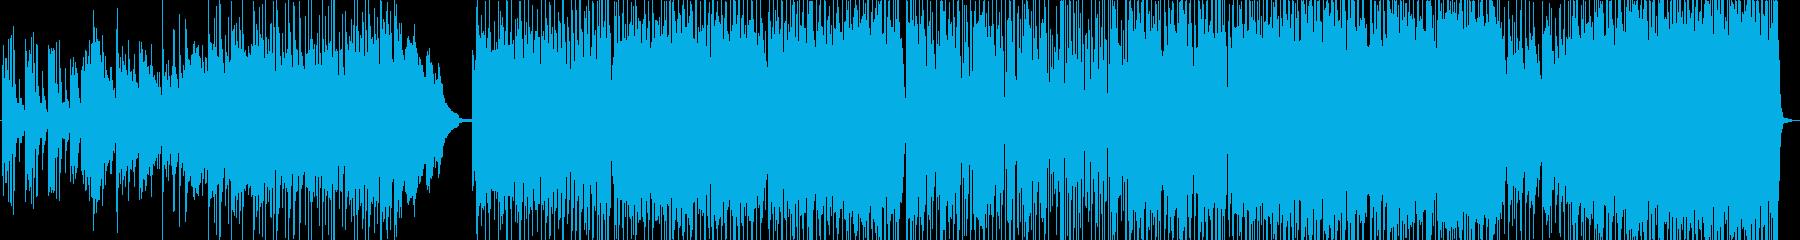 水しぶきをピアノメインで表現したインストの再生済みの波形